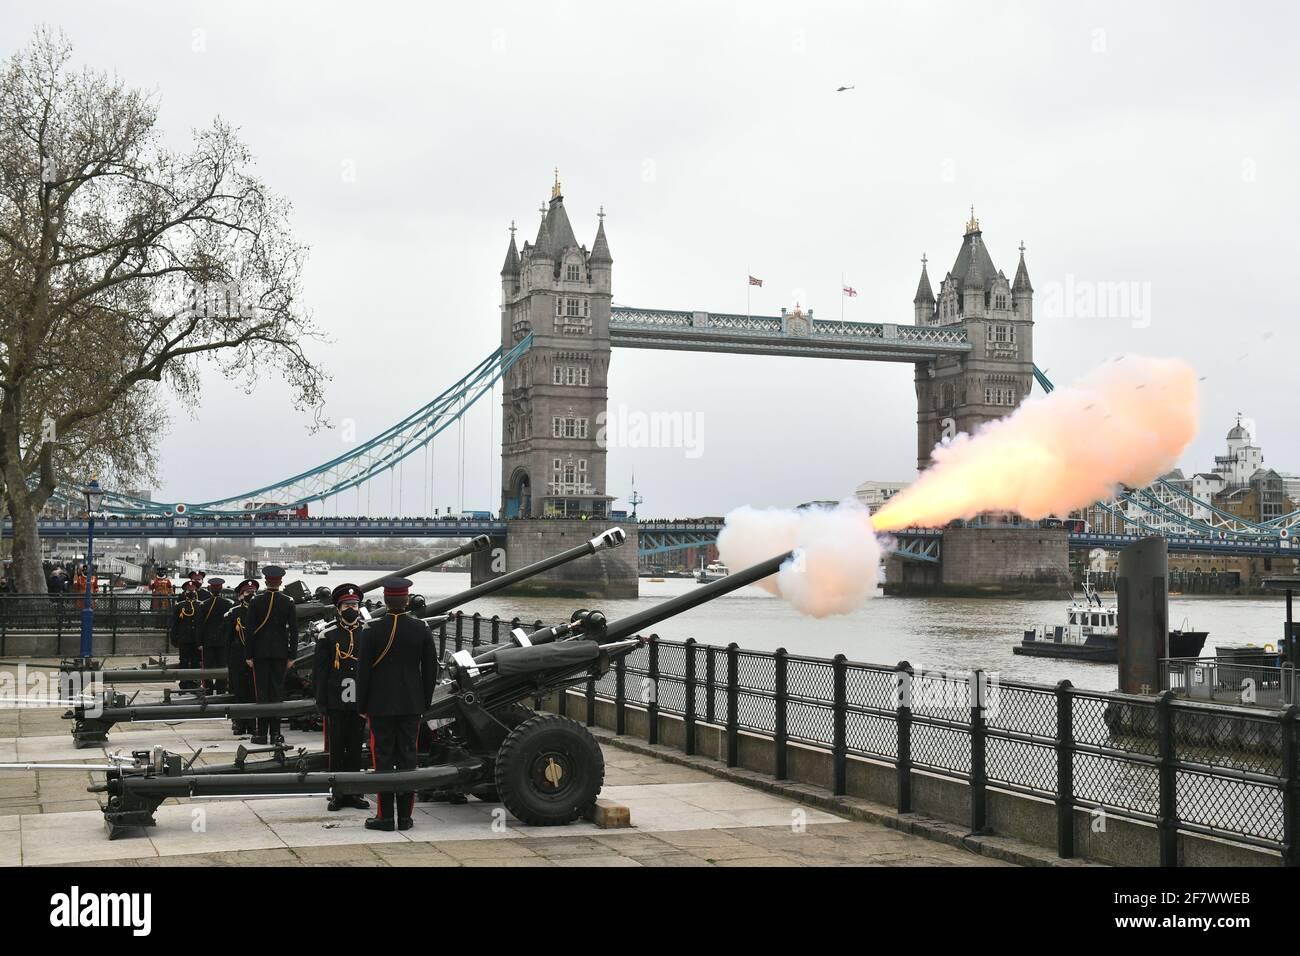 Mitglieder der Honourable Artillery Company feuern aus Anlass des Todes des Herzogs von Edinburgh einen 41-runden Waffengruß vom Kai am Tower of London ab. Bilddatum: Samstag, 10. April 2021. Stockfoto